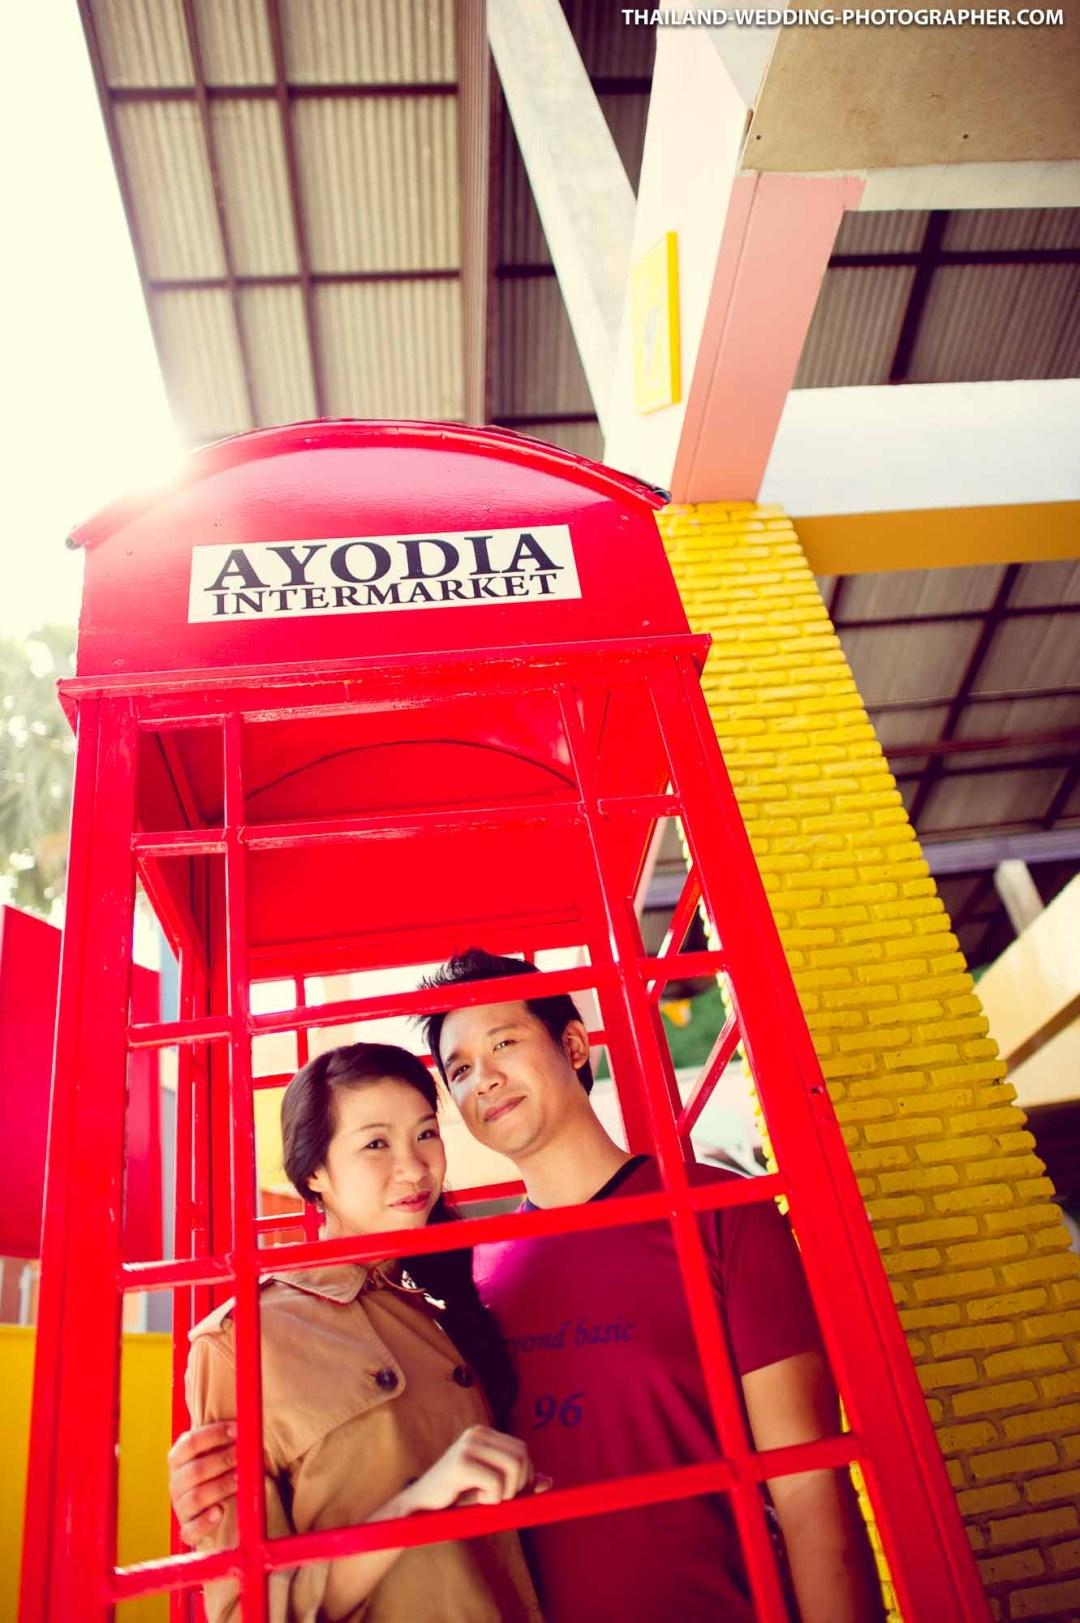 Ayothaya Floating Market Ayutthaya Thailand Wedding Photography